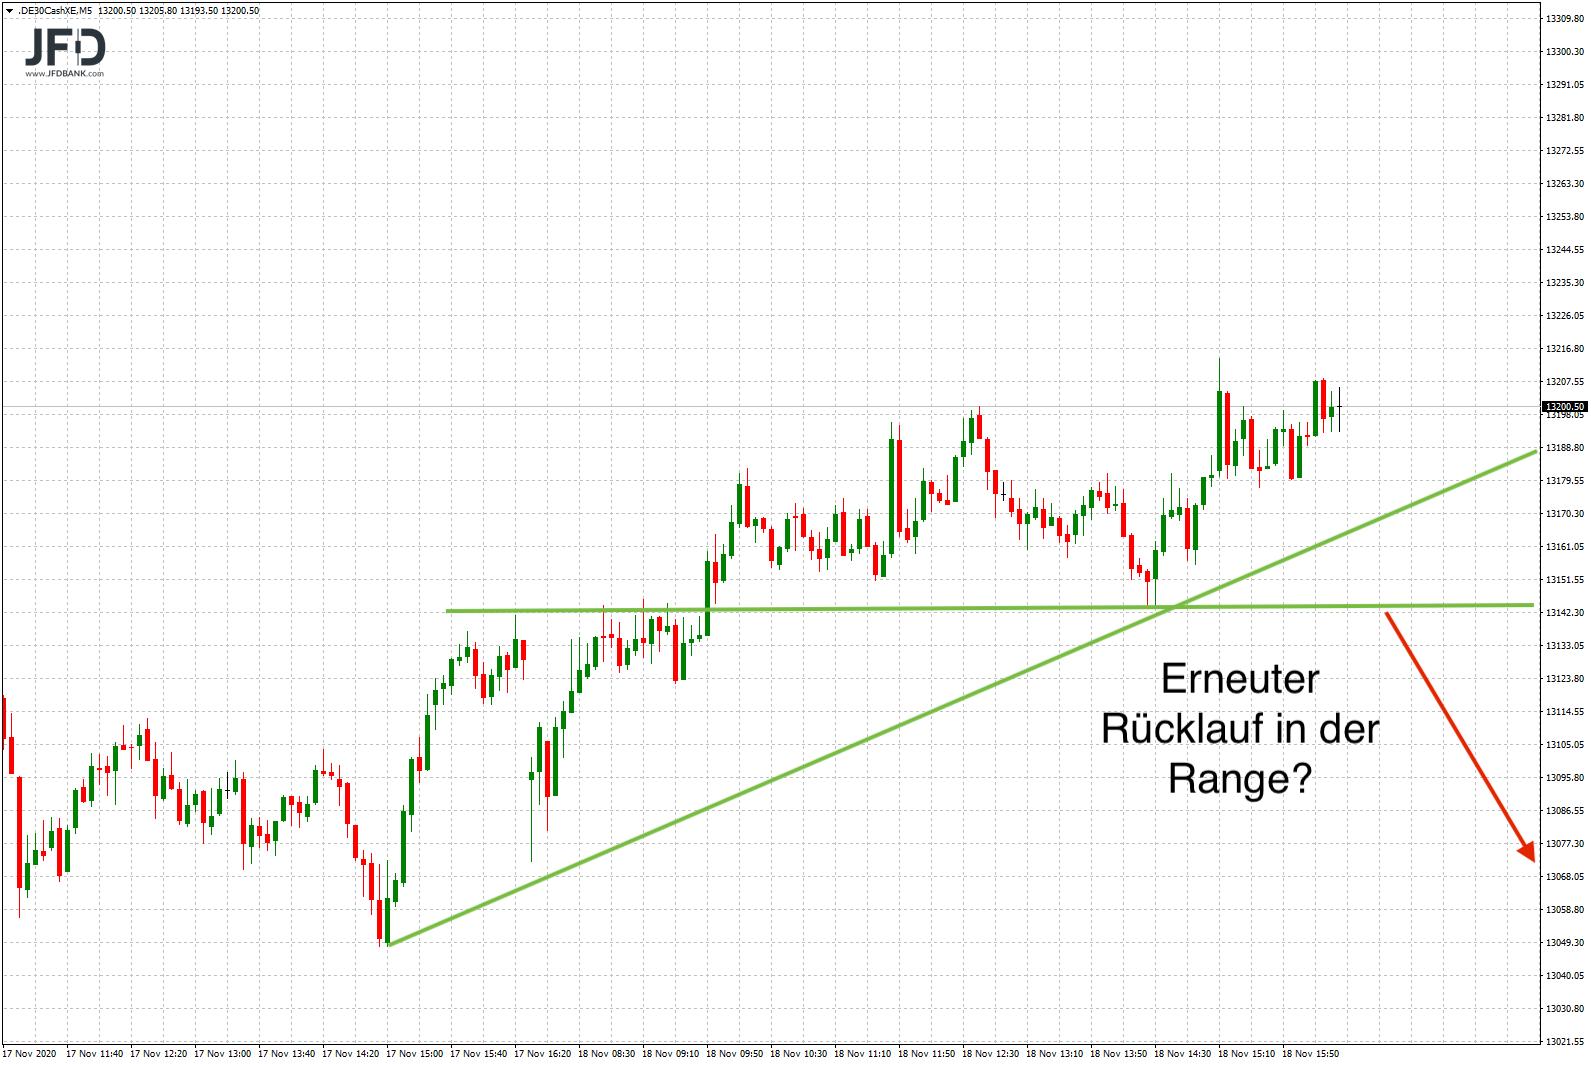 Die-Range-bleibt-weiter-das-dominante-Element-im-DAX-Chart-Kommentar-JFD-Bank-GodmodeTrader.de-6